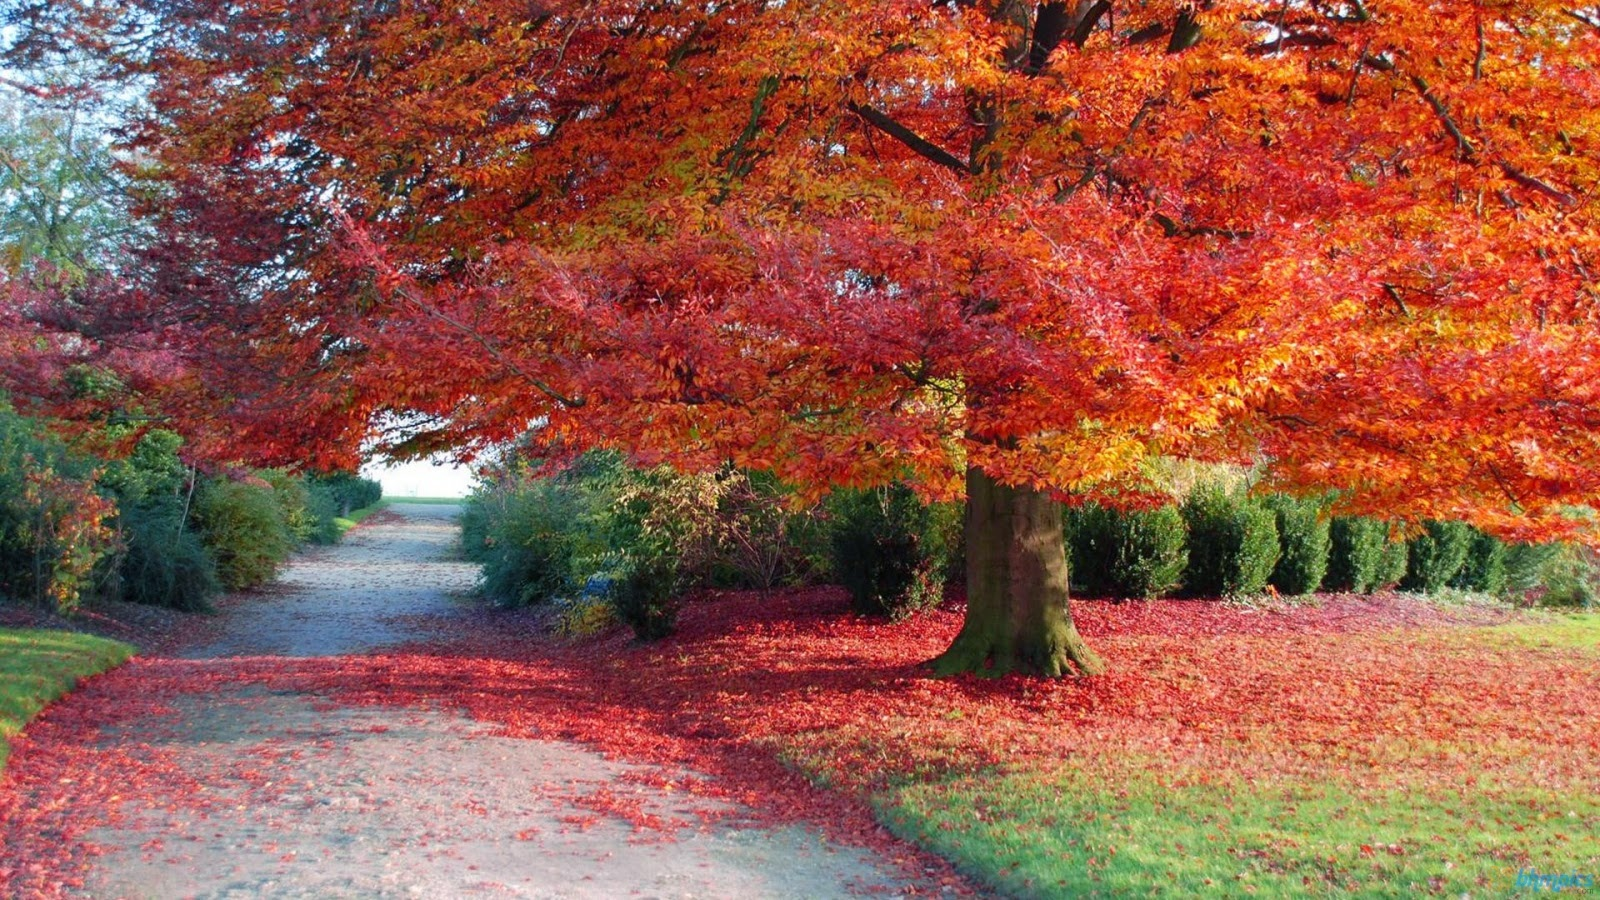 Autumn Season in Pakistan - The Falling Season - Autumn Wallpapers